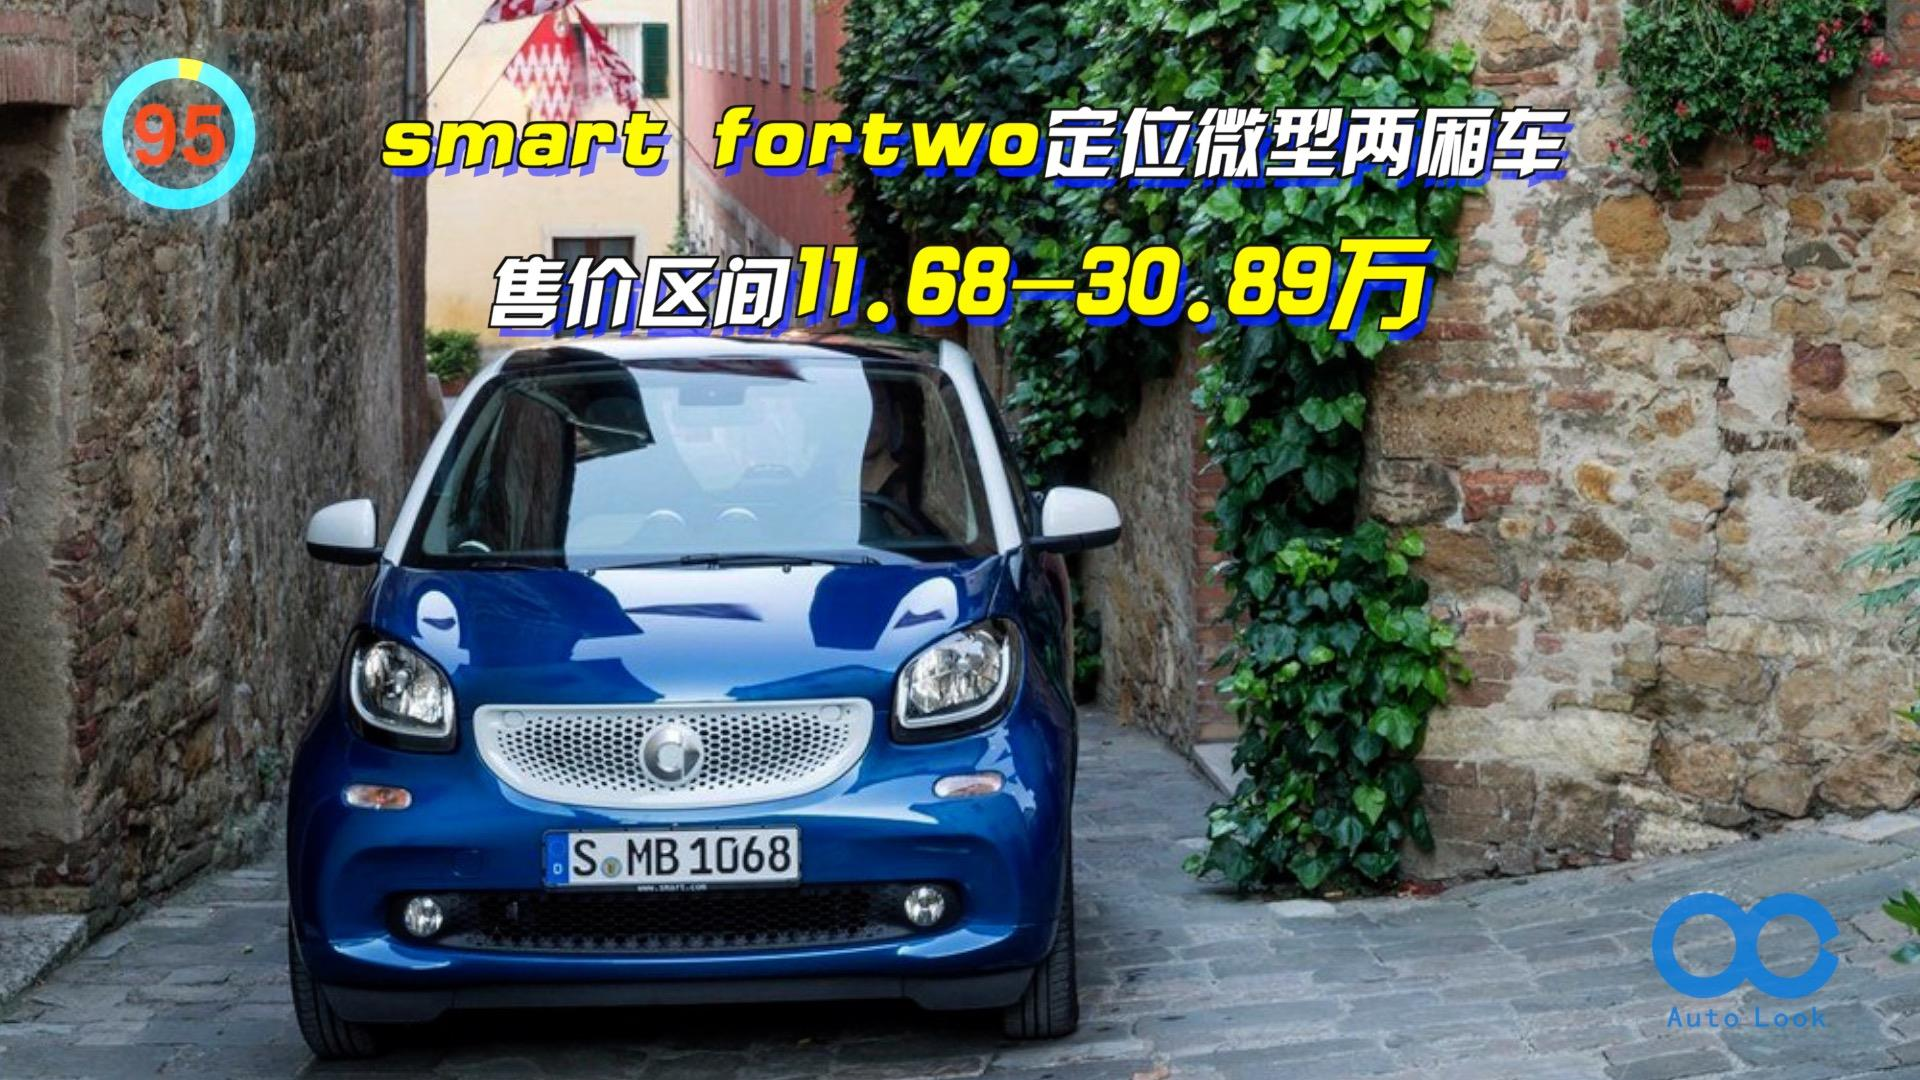 「百秒看车」smart fortwo 与雷诺同平台 内置后驱